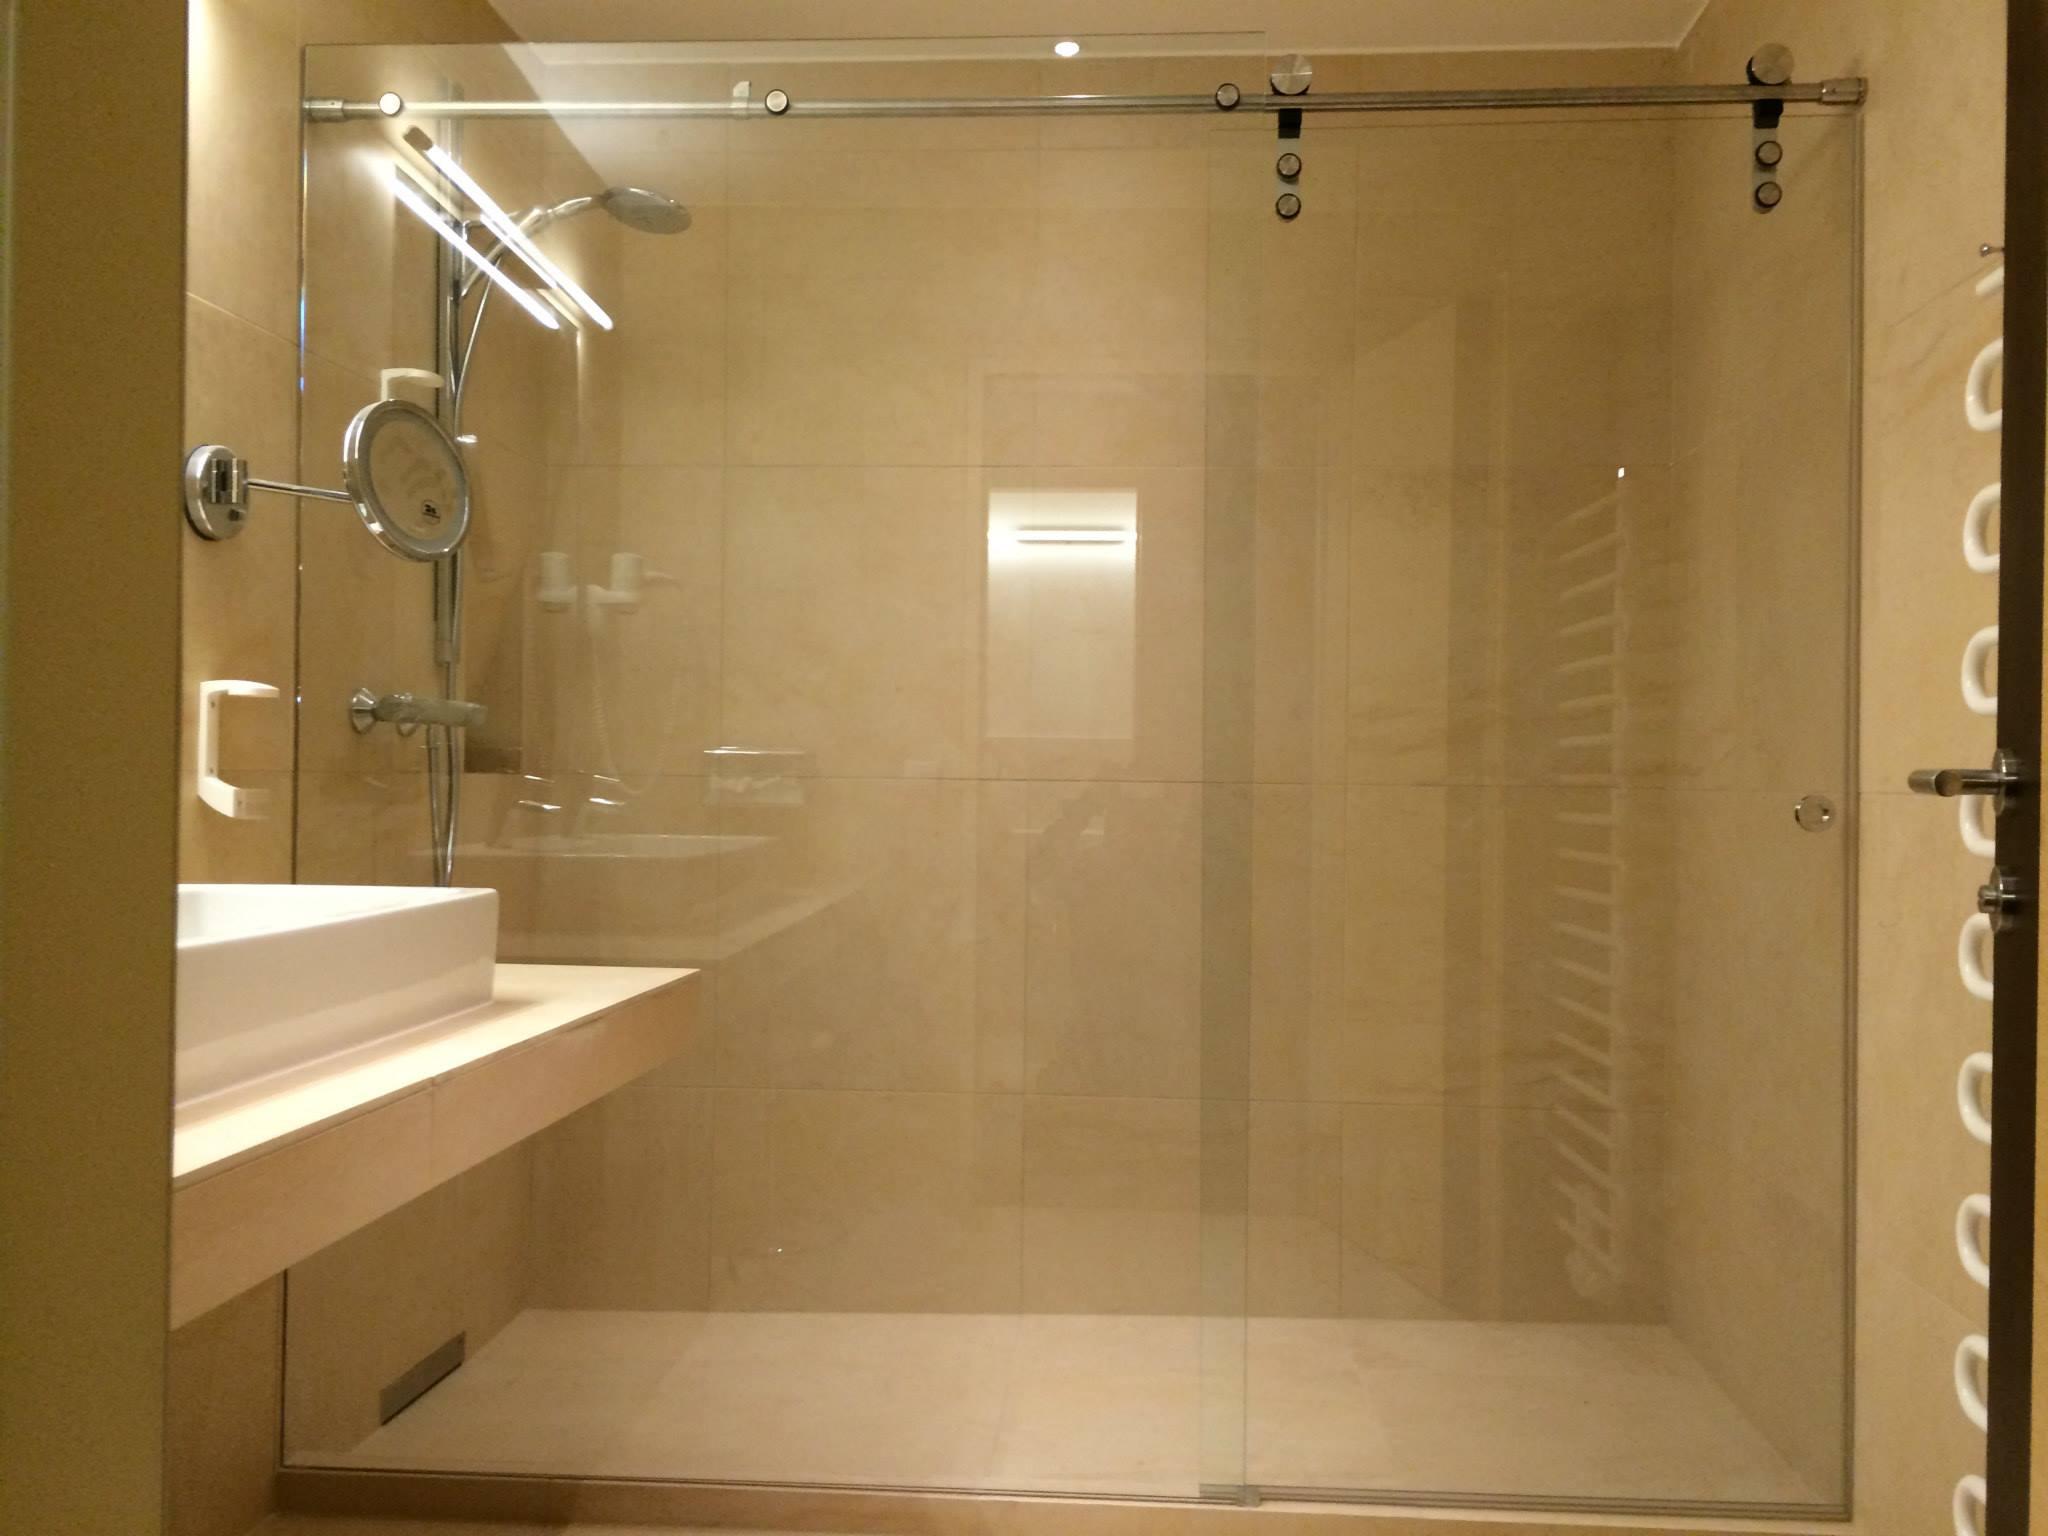 deltaglas glaserei wien indiv glasl sungen 24h glasnotdienst. Black Bedroom Furniture Sets. Home Design Ideas